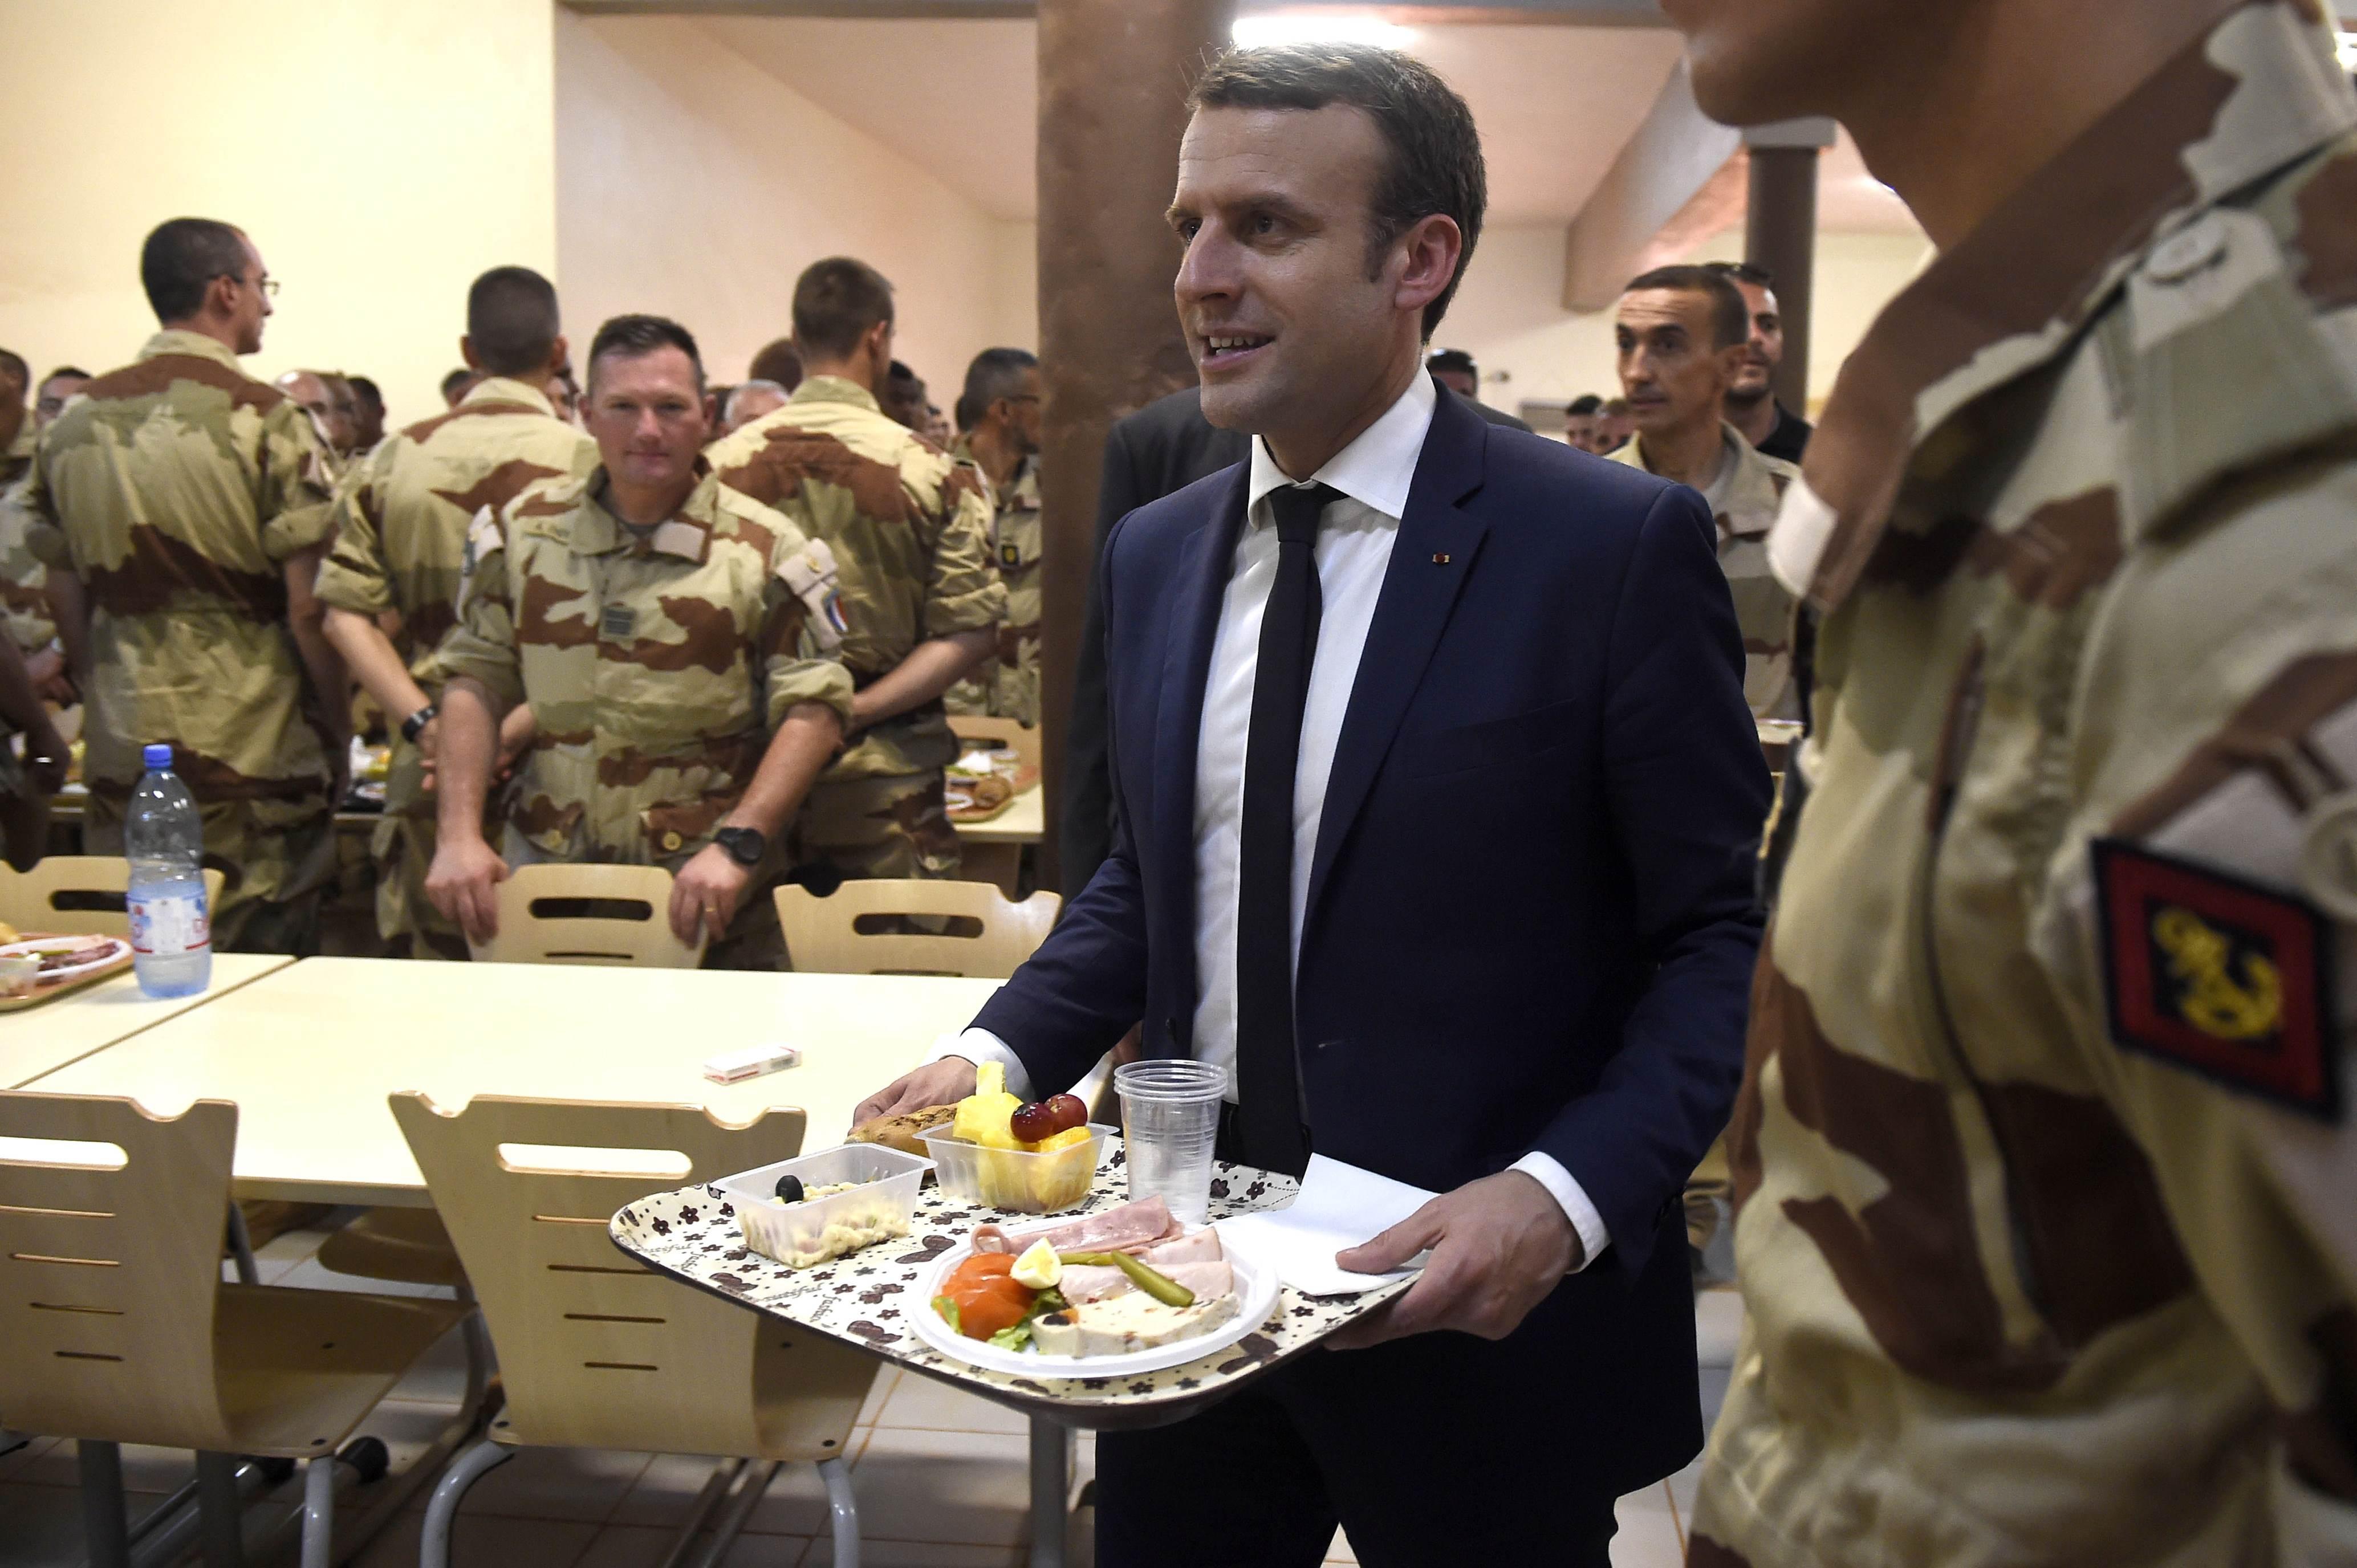 الرئيس الفرنسى يأخذ طعامه